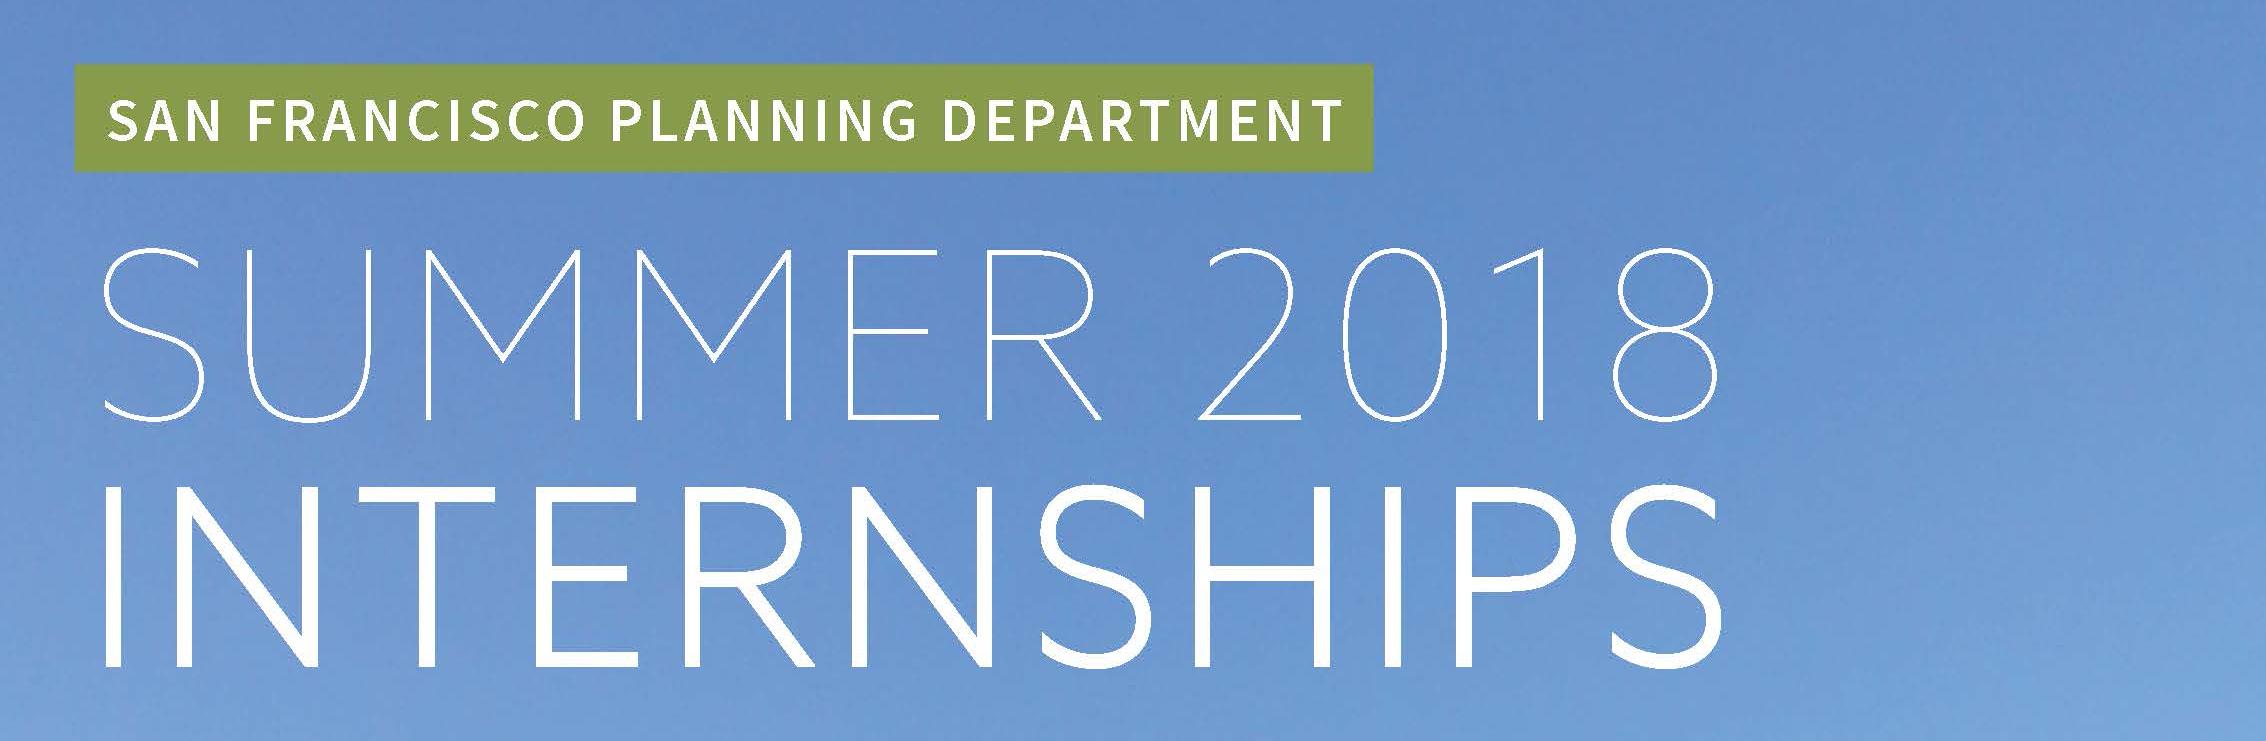 2018 Summer Internship Program Header